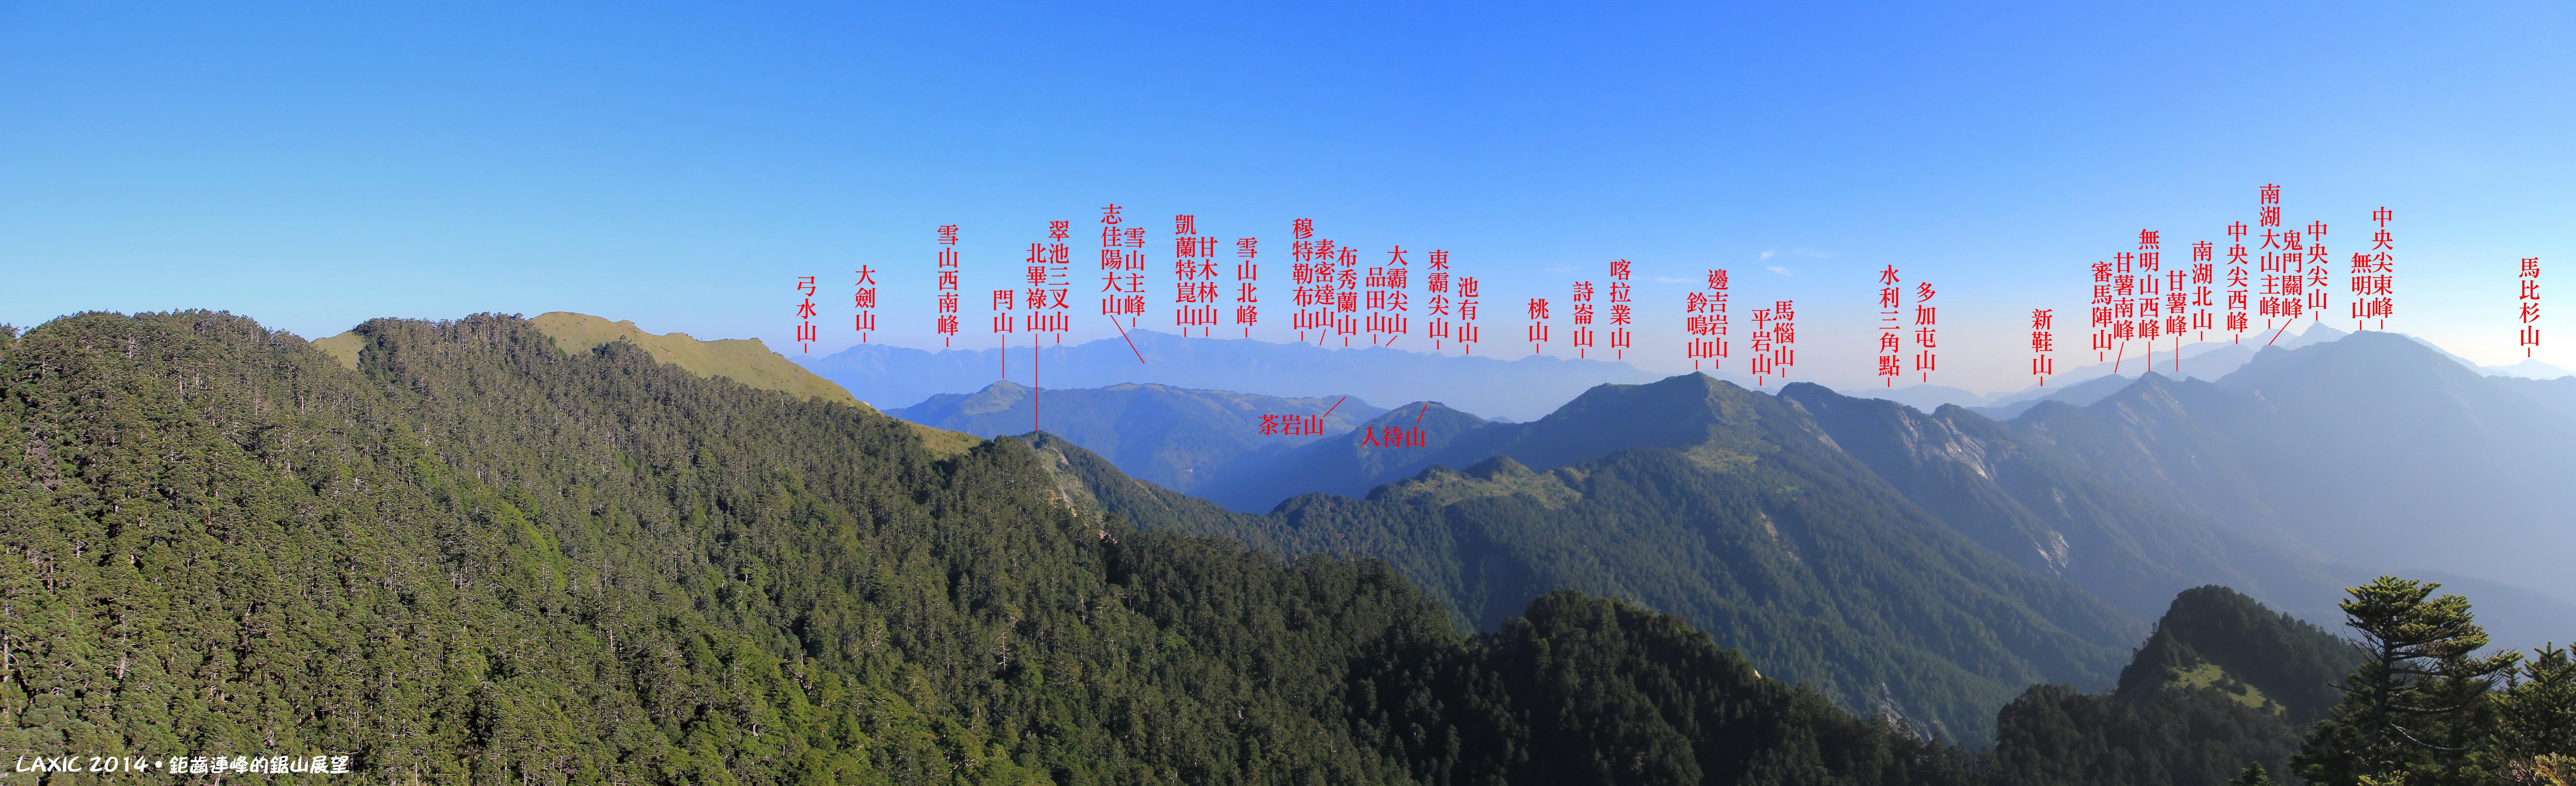 2014.08 鉅齒連峰的鋸山展望